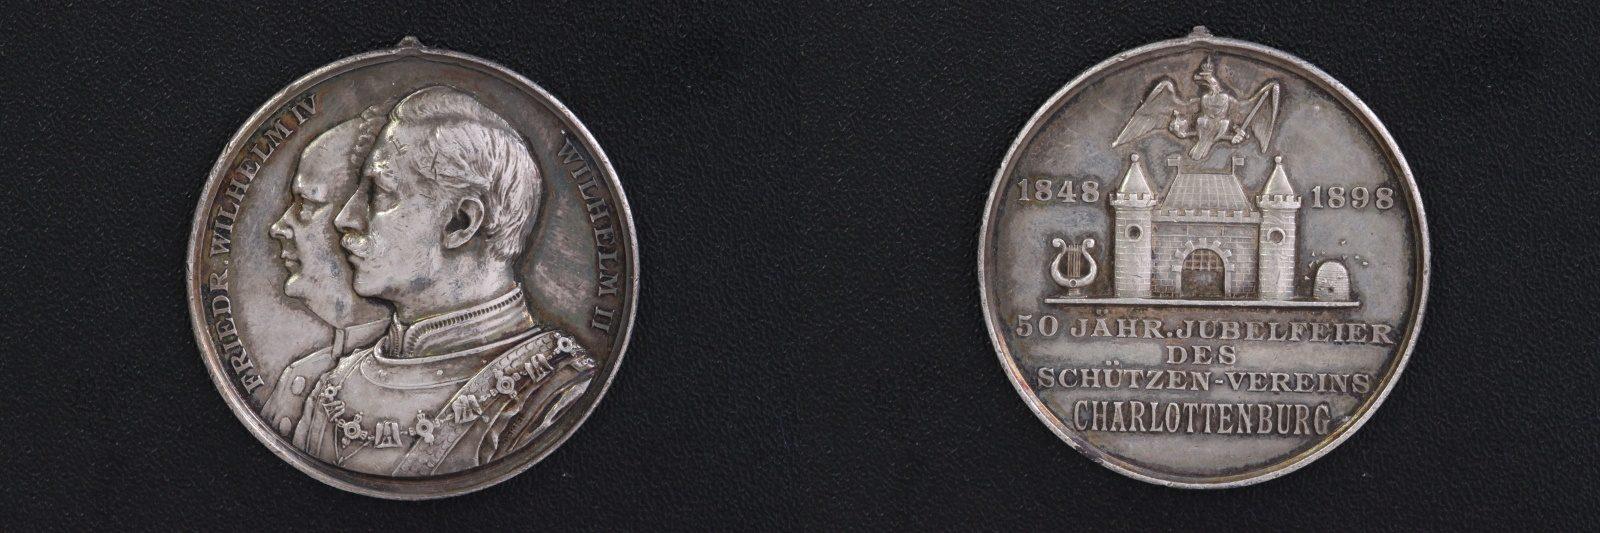 / 1889 Deutschland Medaille Silber - 50 Jahre Schützenverein Charlottenburg ss-vz/Henkelspur